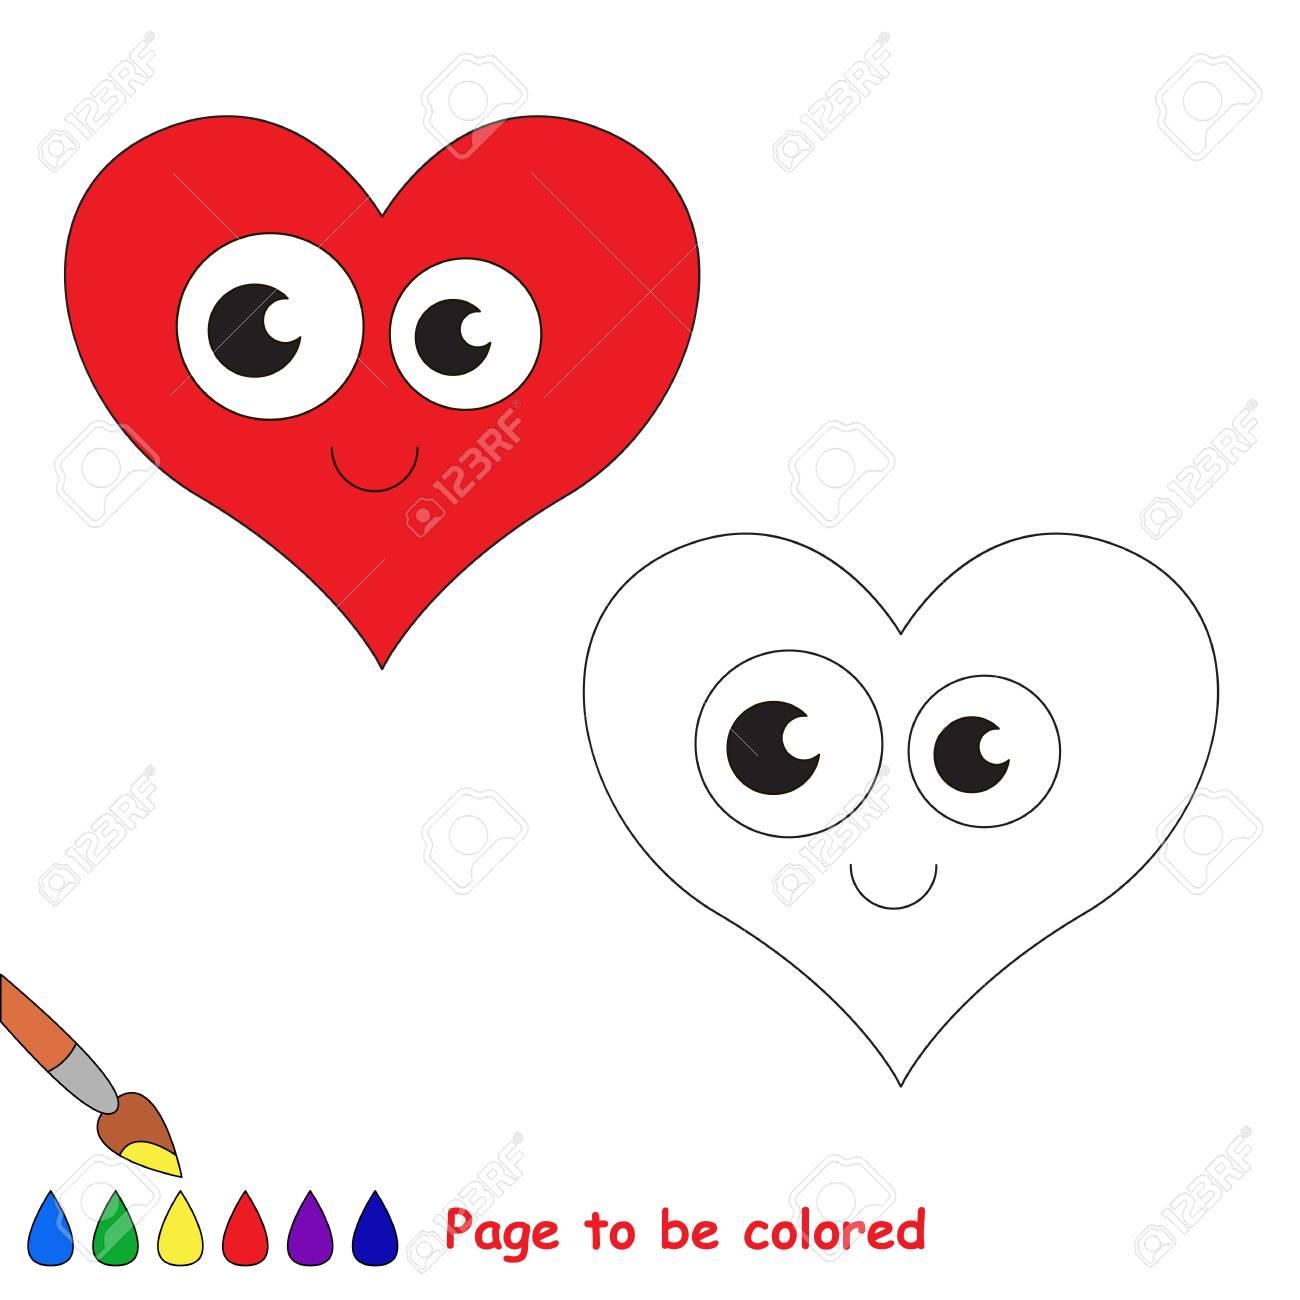 Corazón En Dibujos Animados Vector Para Colorear Libro De Colorear Para Niños